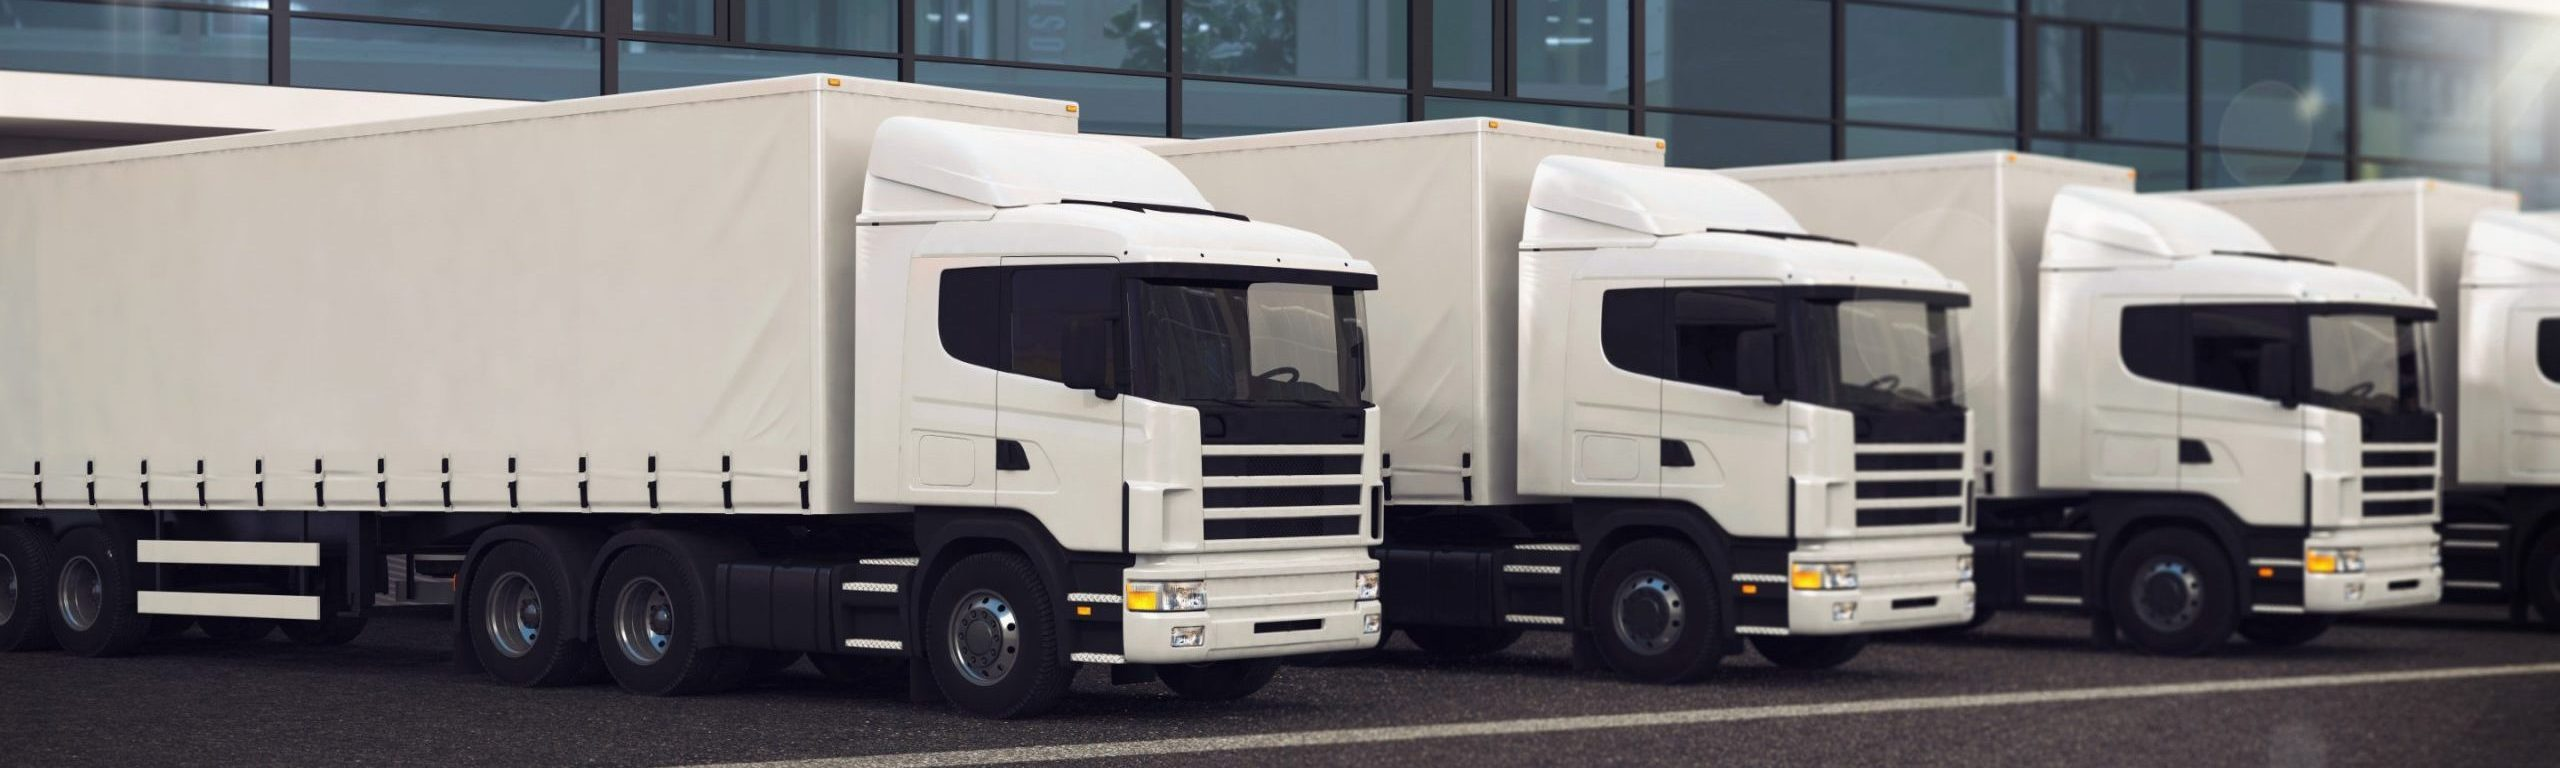 שירות וחילוץ משאיות